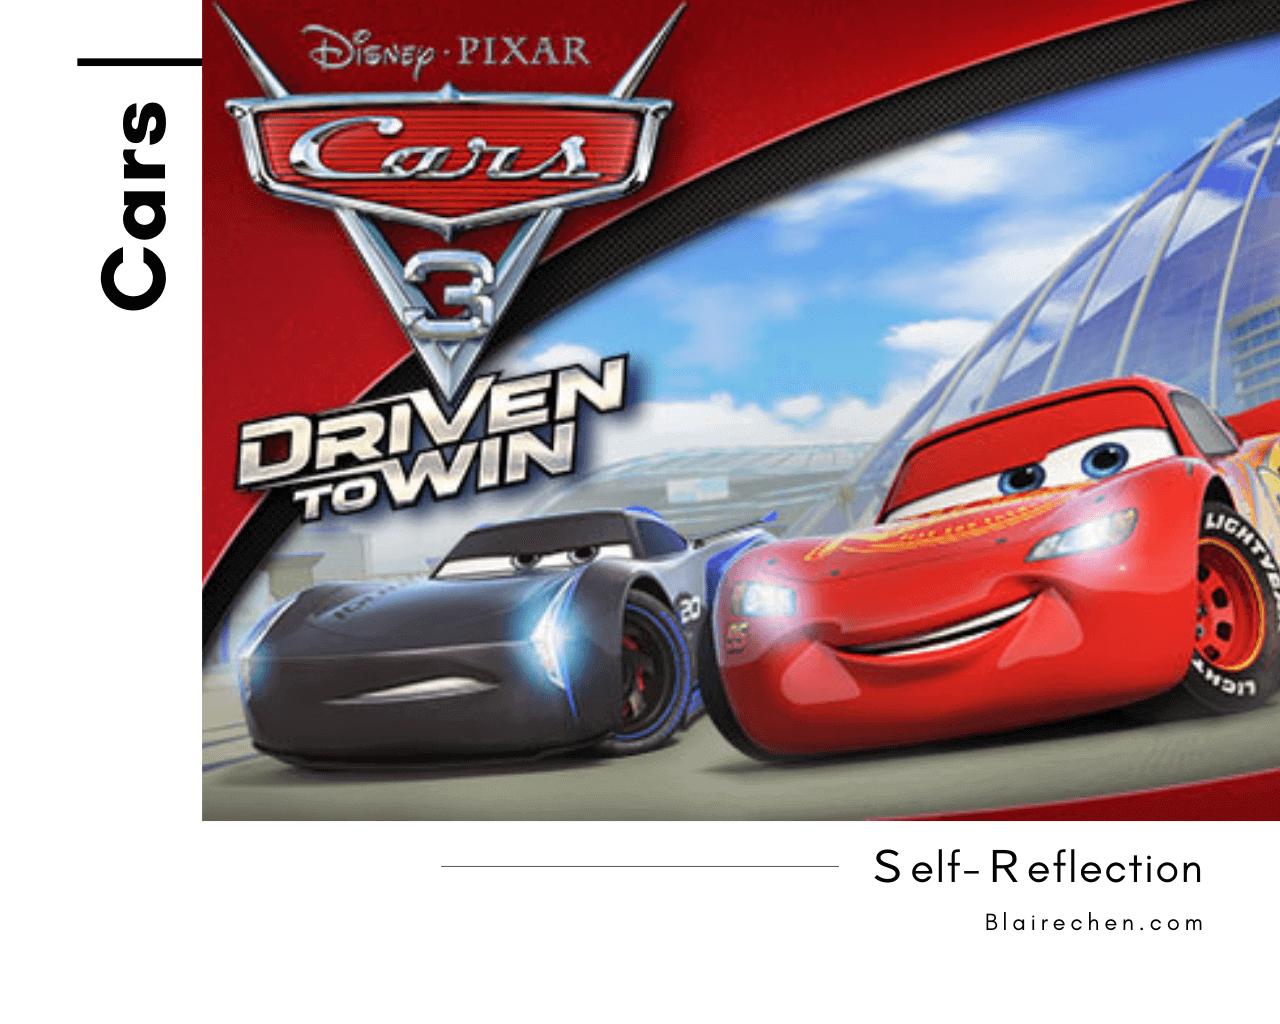 重溫舊電影|皮克斯 Cars 系列,反思過後找到更好的自己!